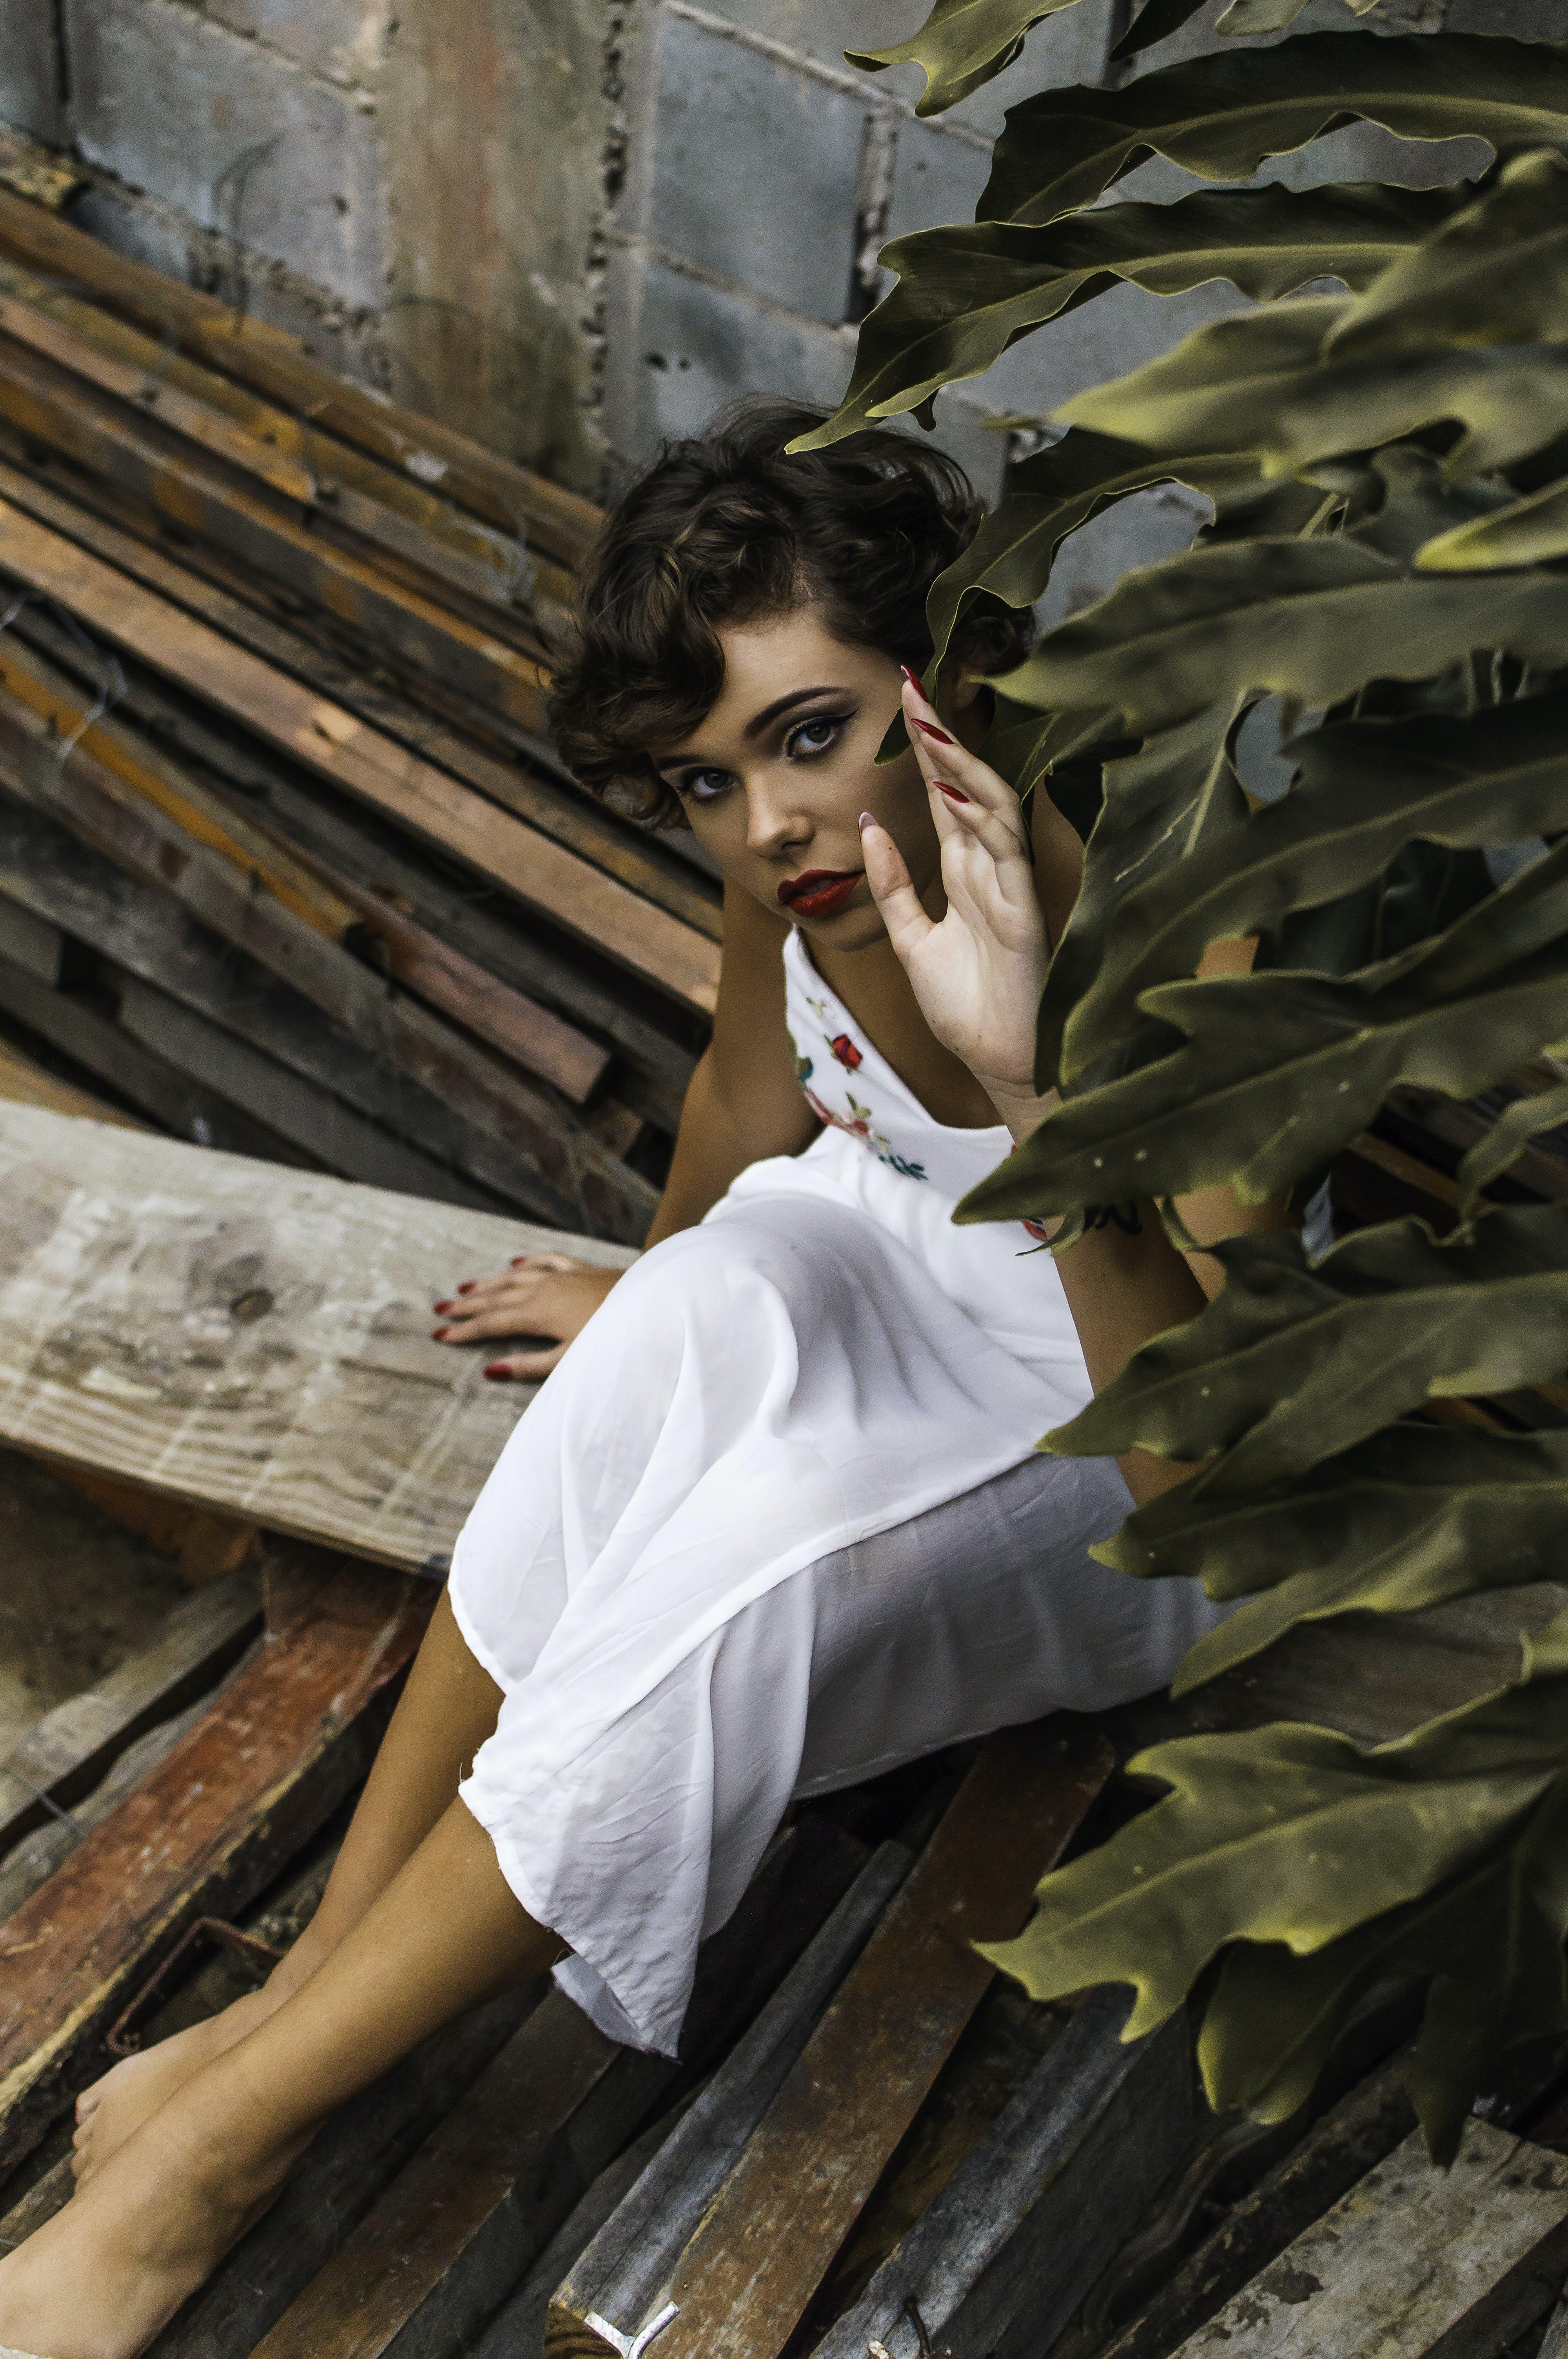 Woman Wearing Dress While Sitting on Lumber